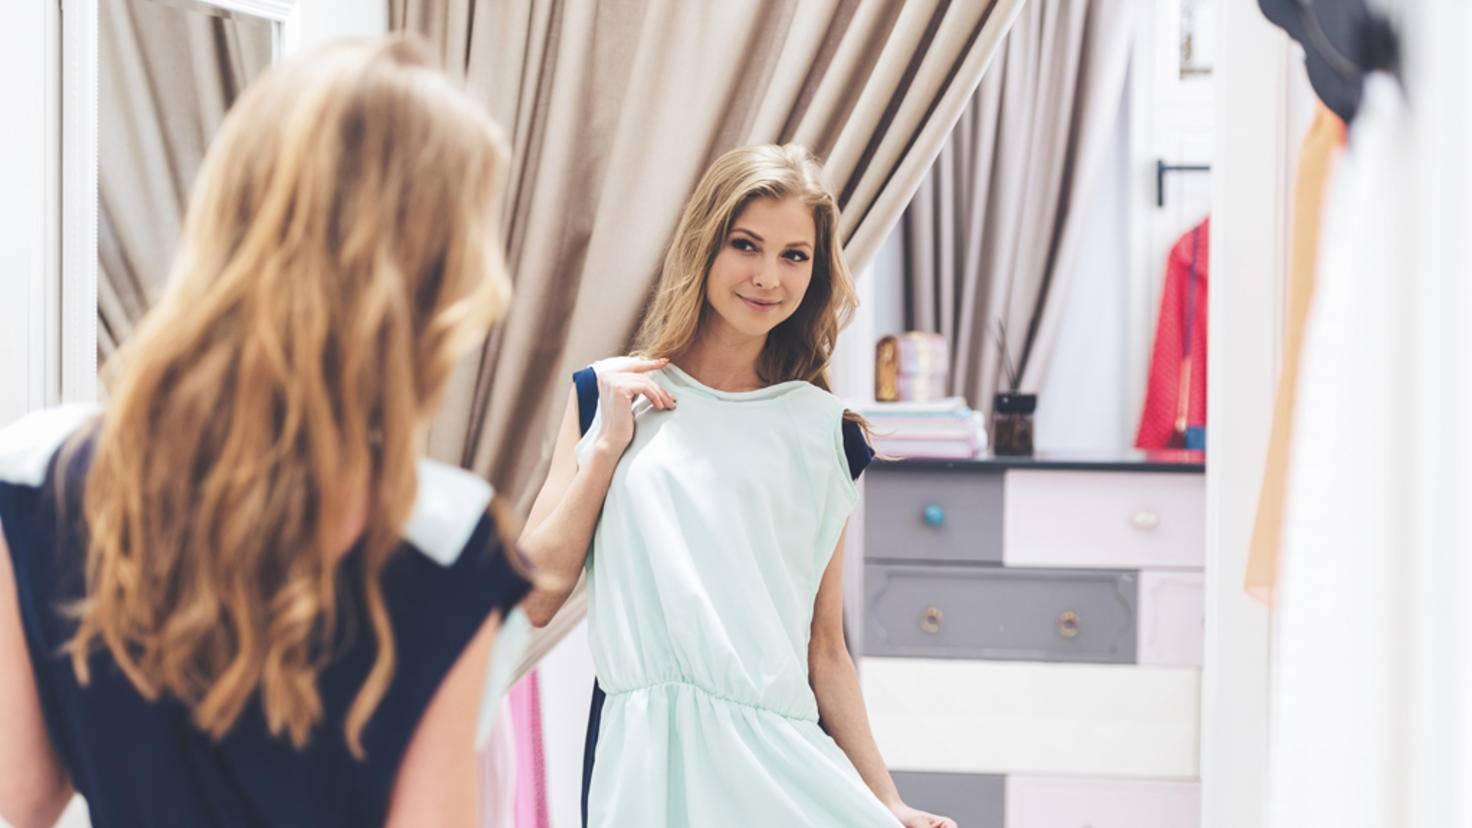 Spiegel Kleiderwahl